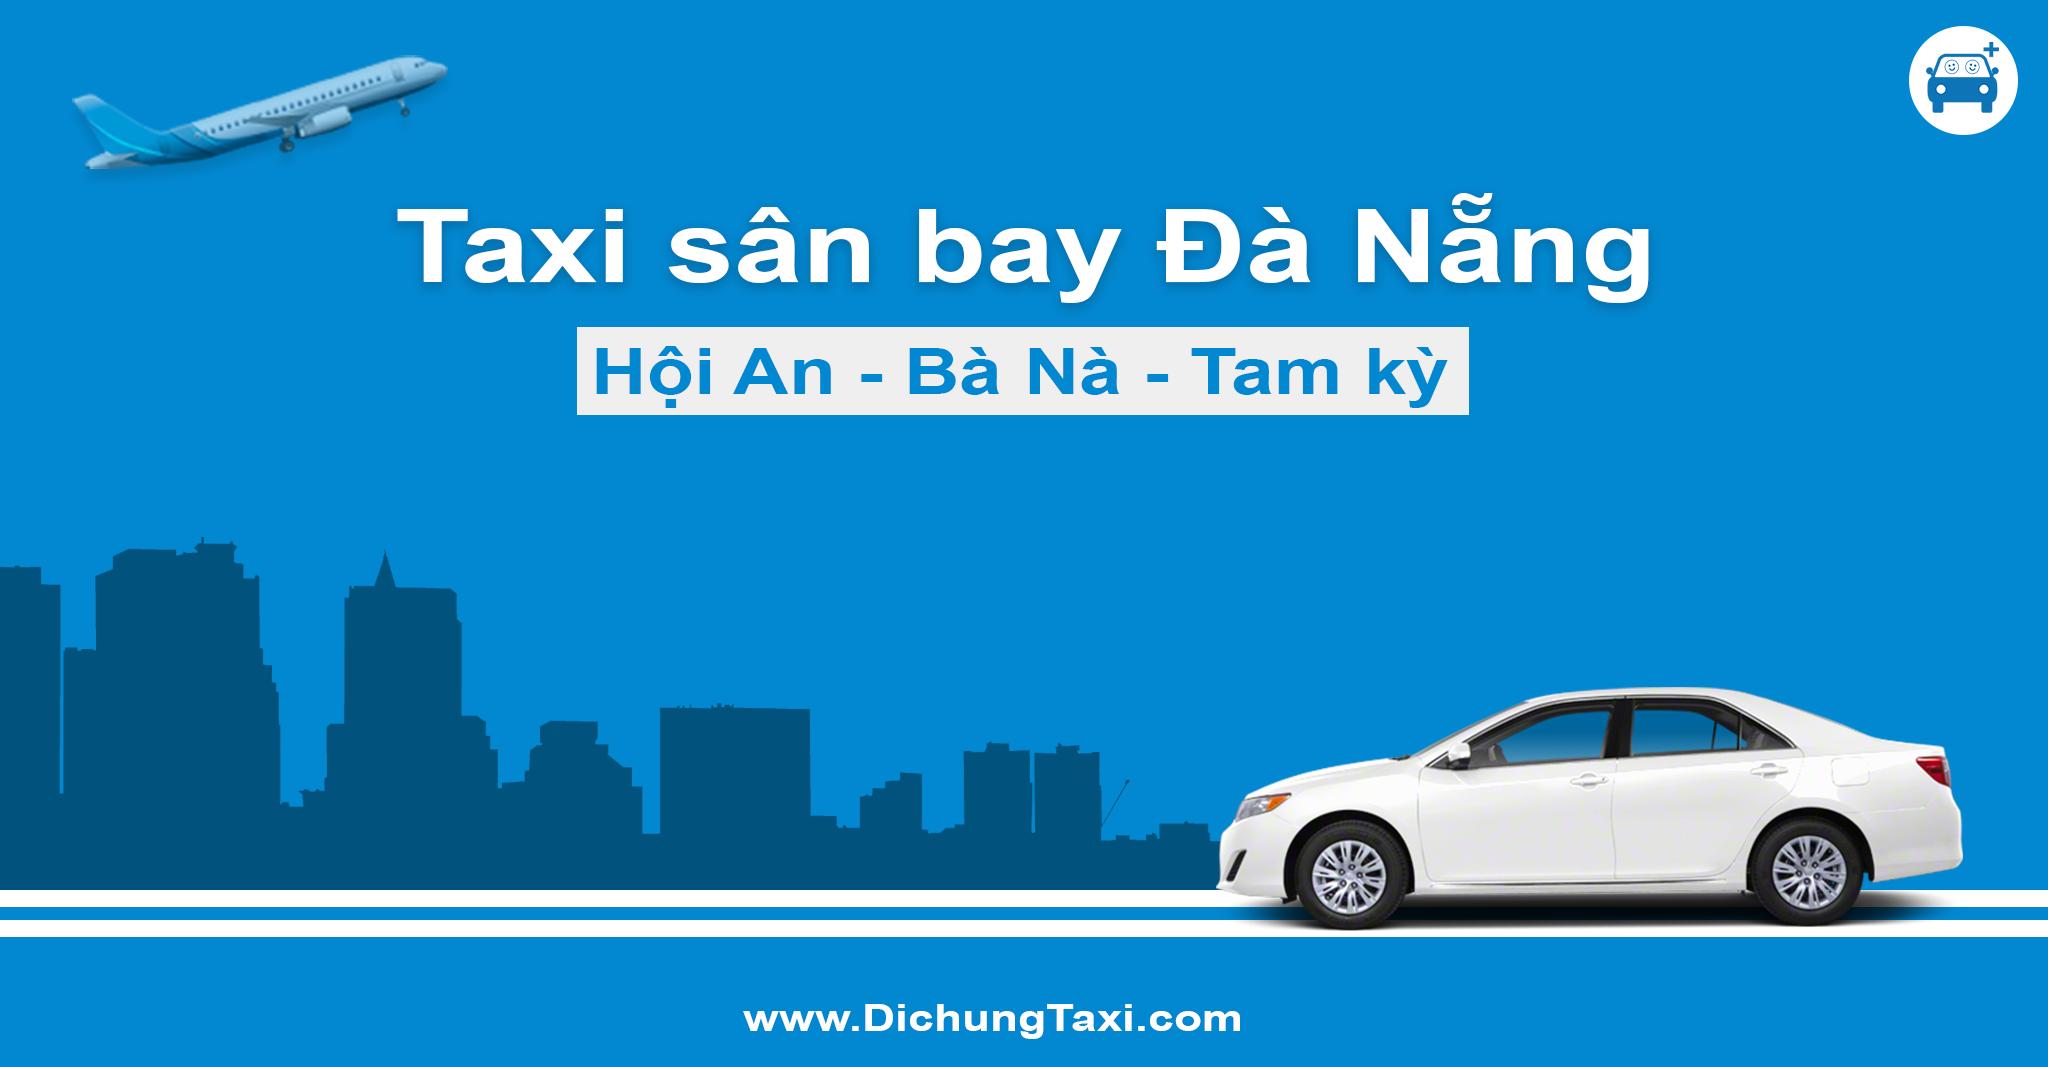 Taxi sân bay Đà Nẵng giá rẻ